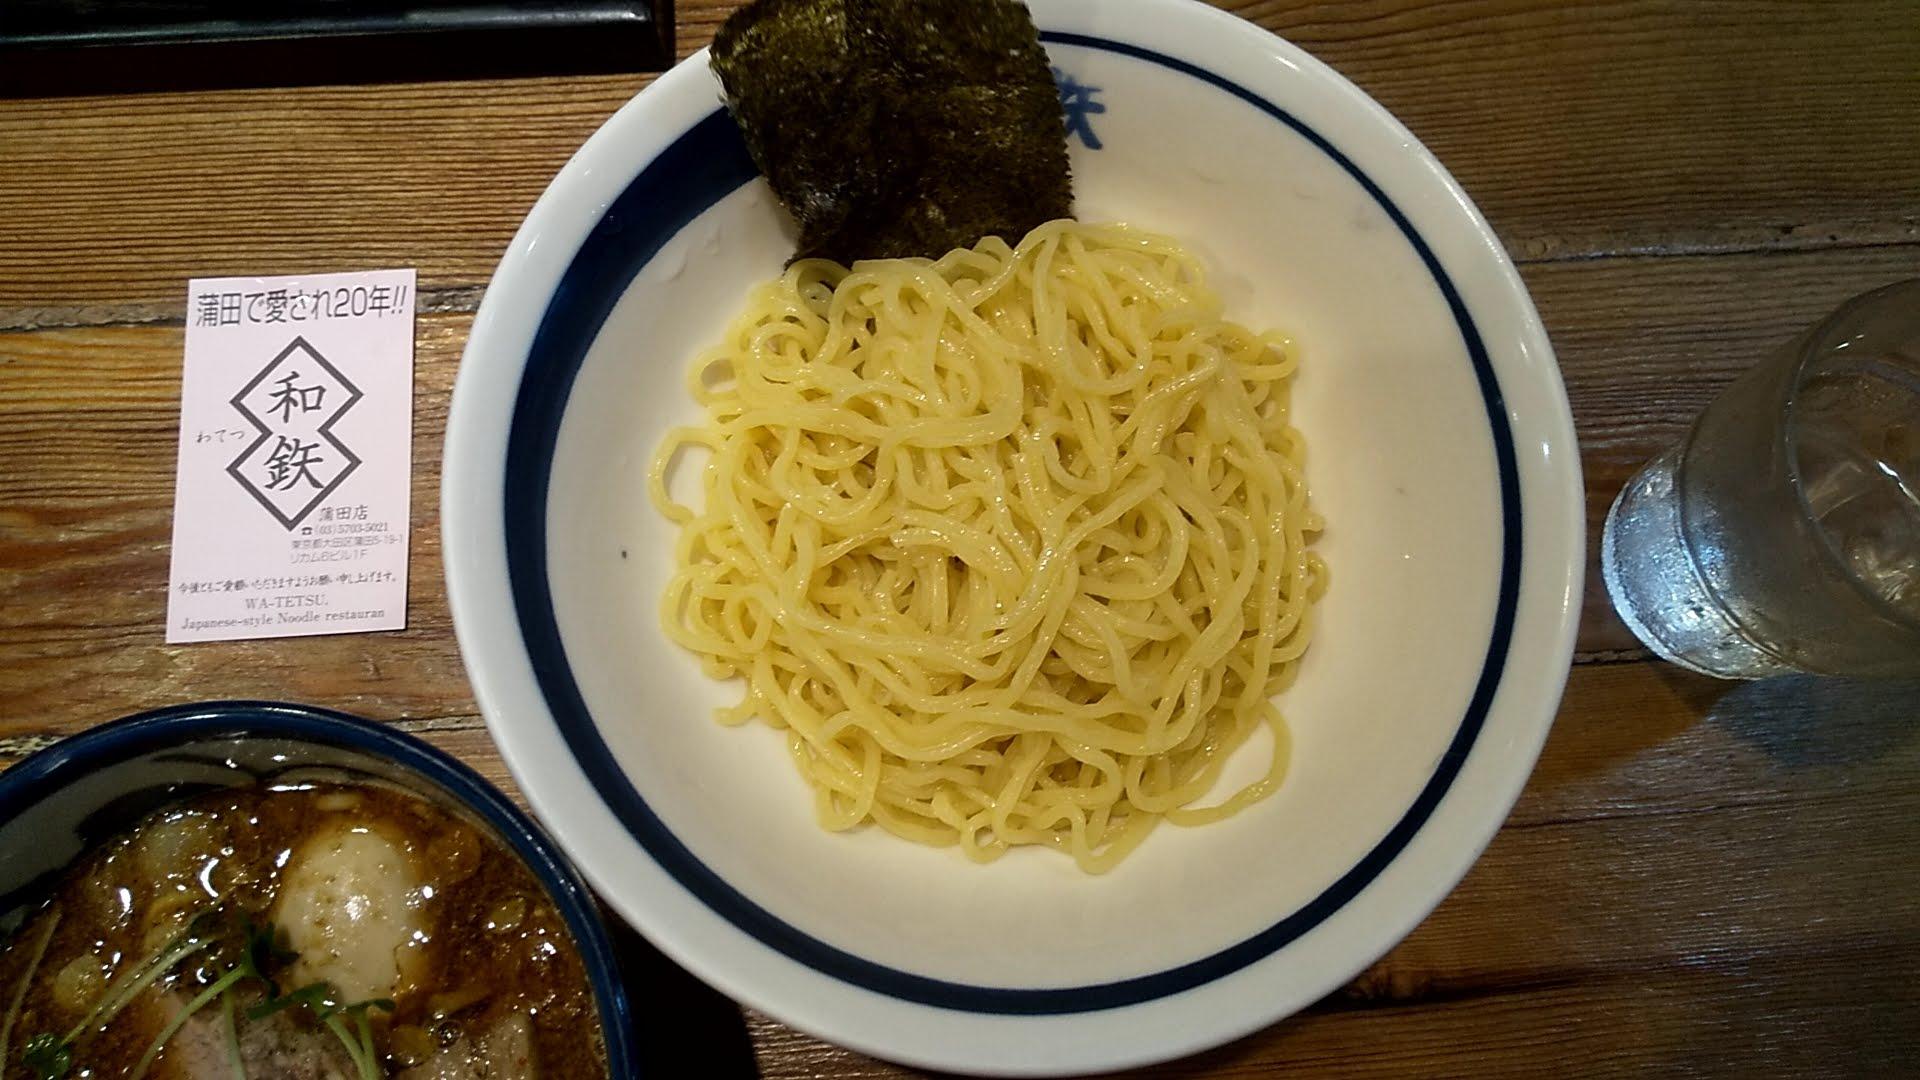 和鉄ラーメンの和鉄つけ麺の麺皿